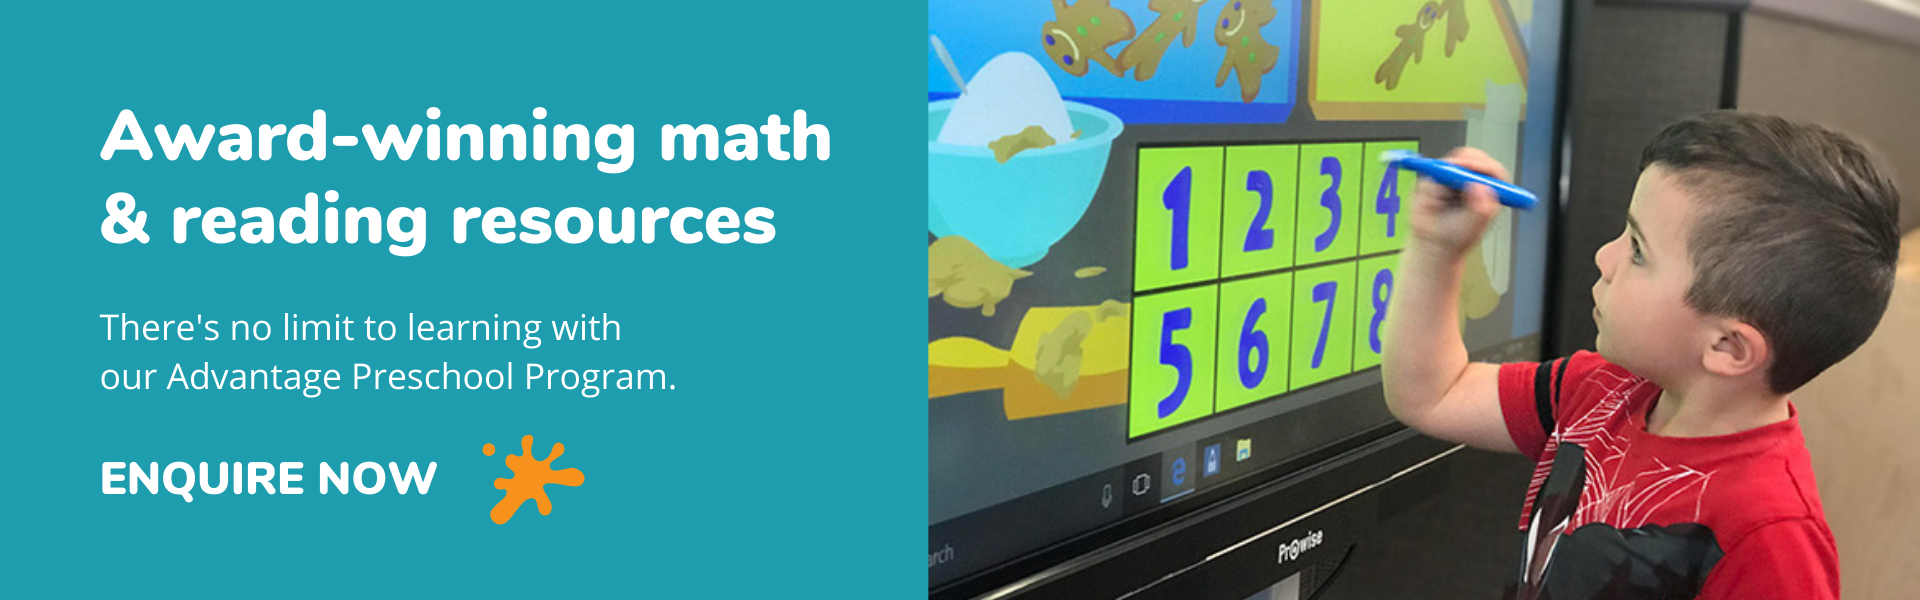 award-winning-preschool-maths-reading